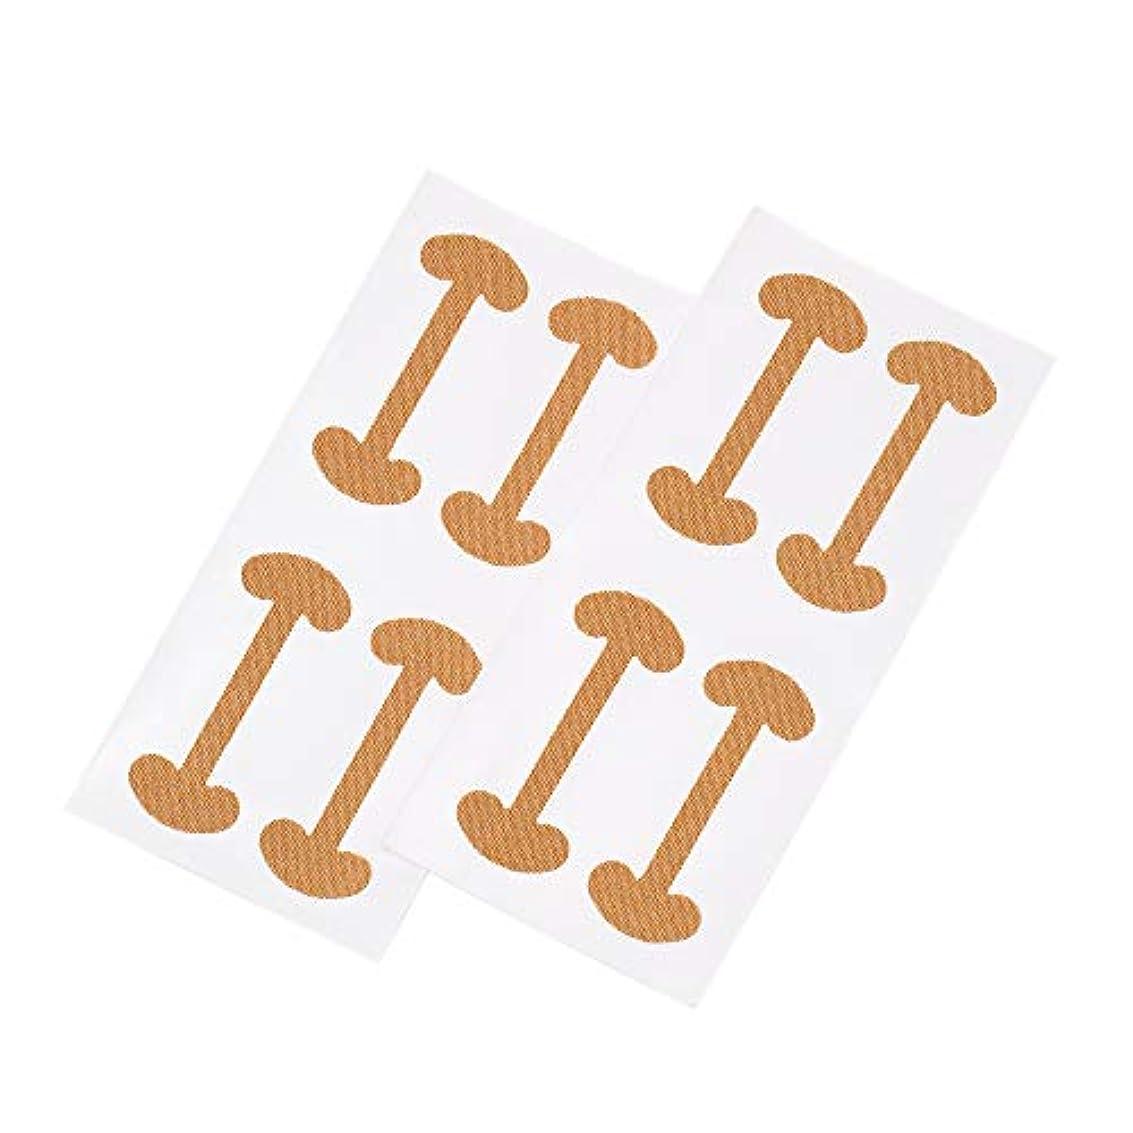 冷蔵庫医薬表向きDecdeal 8ピース 巻き爪 ケアテープ まきずめ 矯正 巻きヅメ 矯正 爪の治療 爪の矯正パッチ 爪リフタ